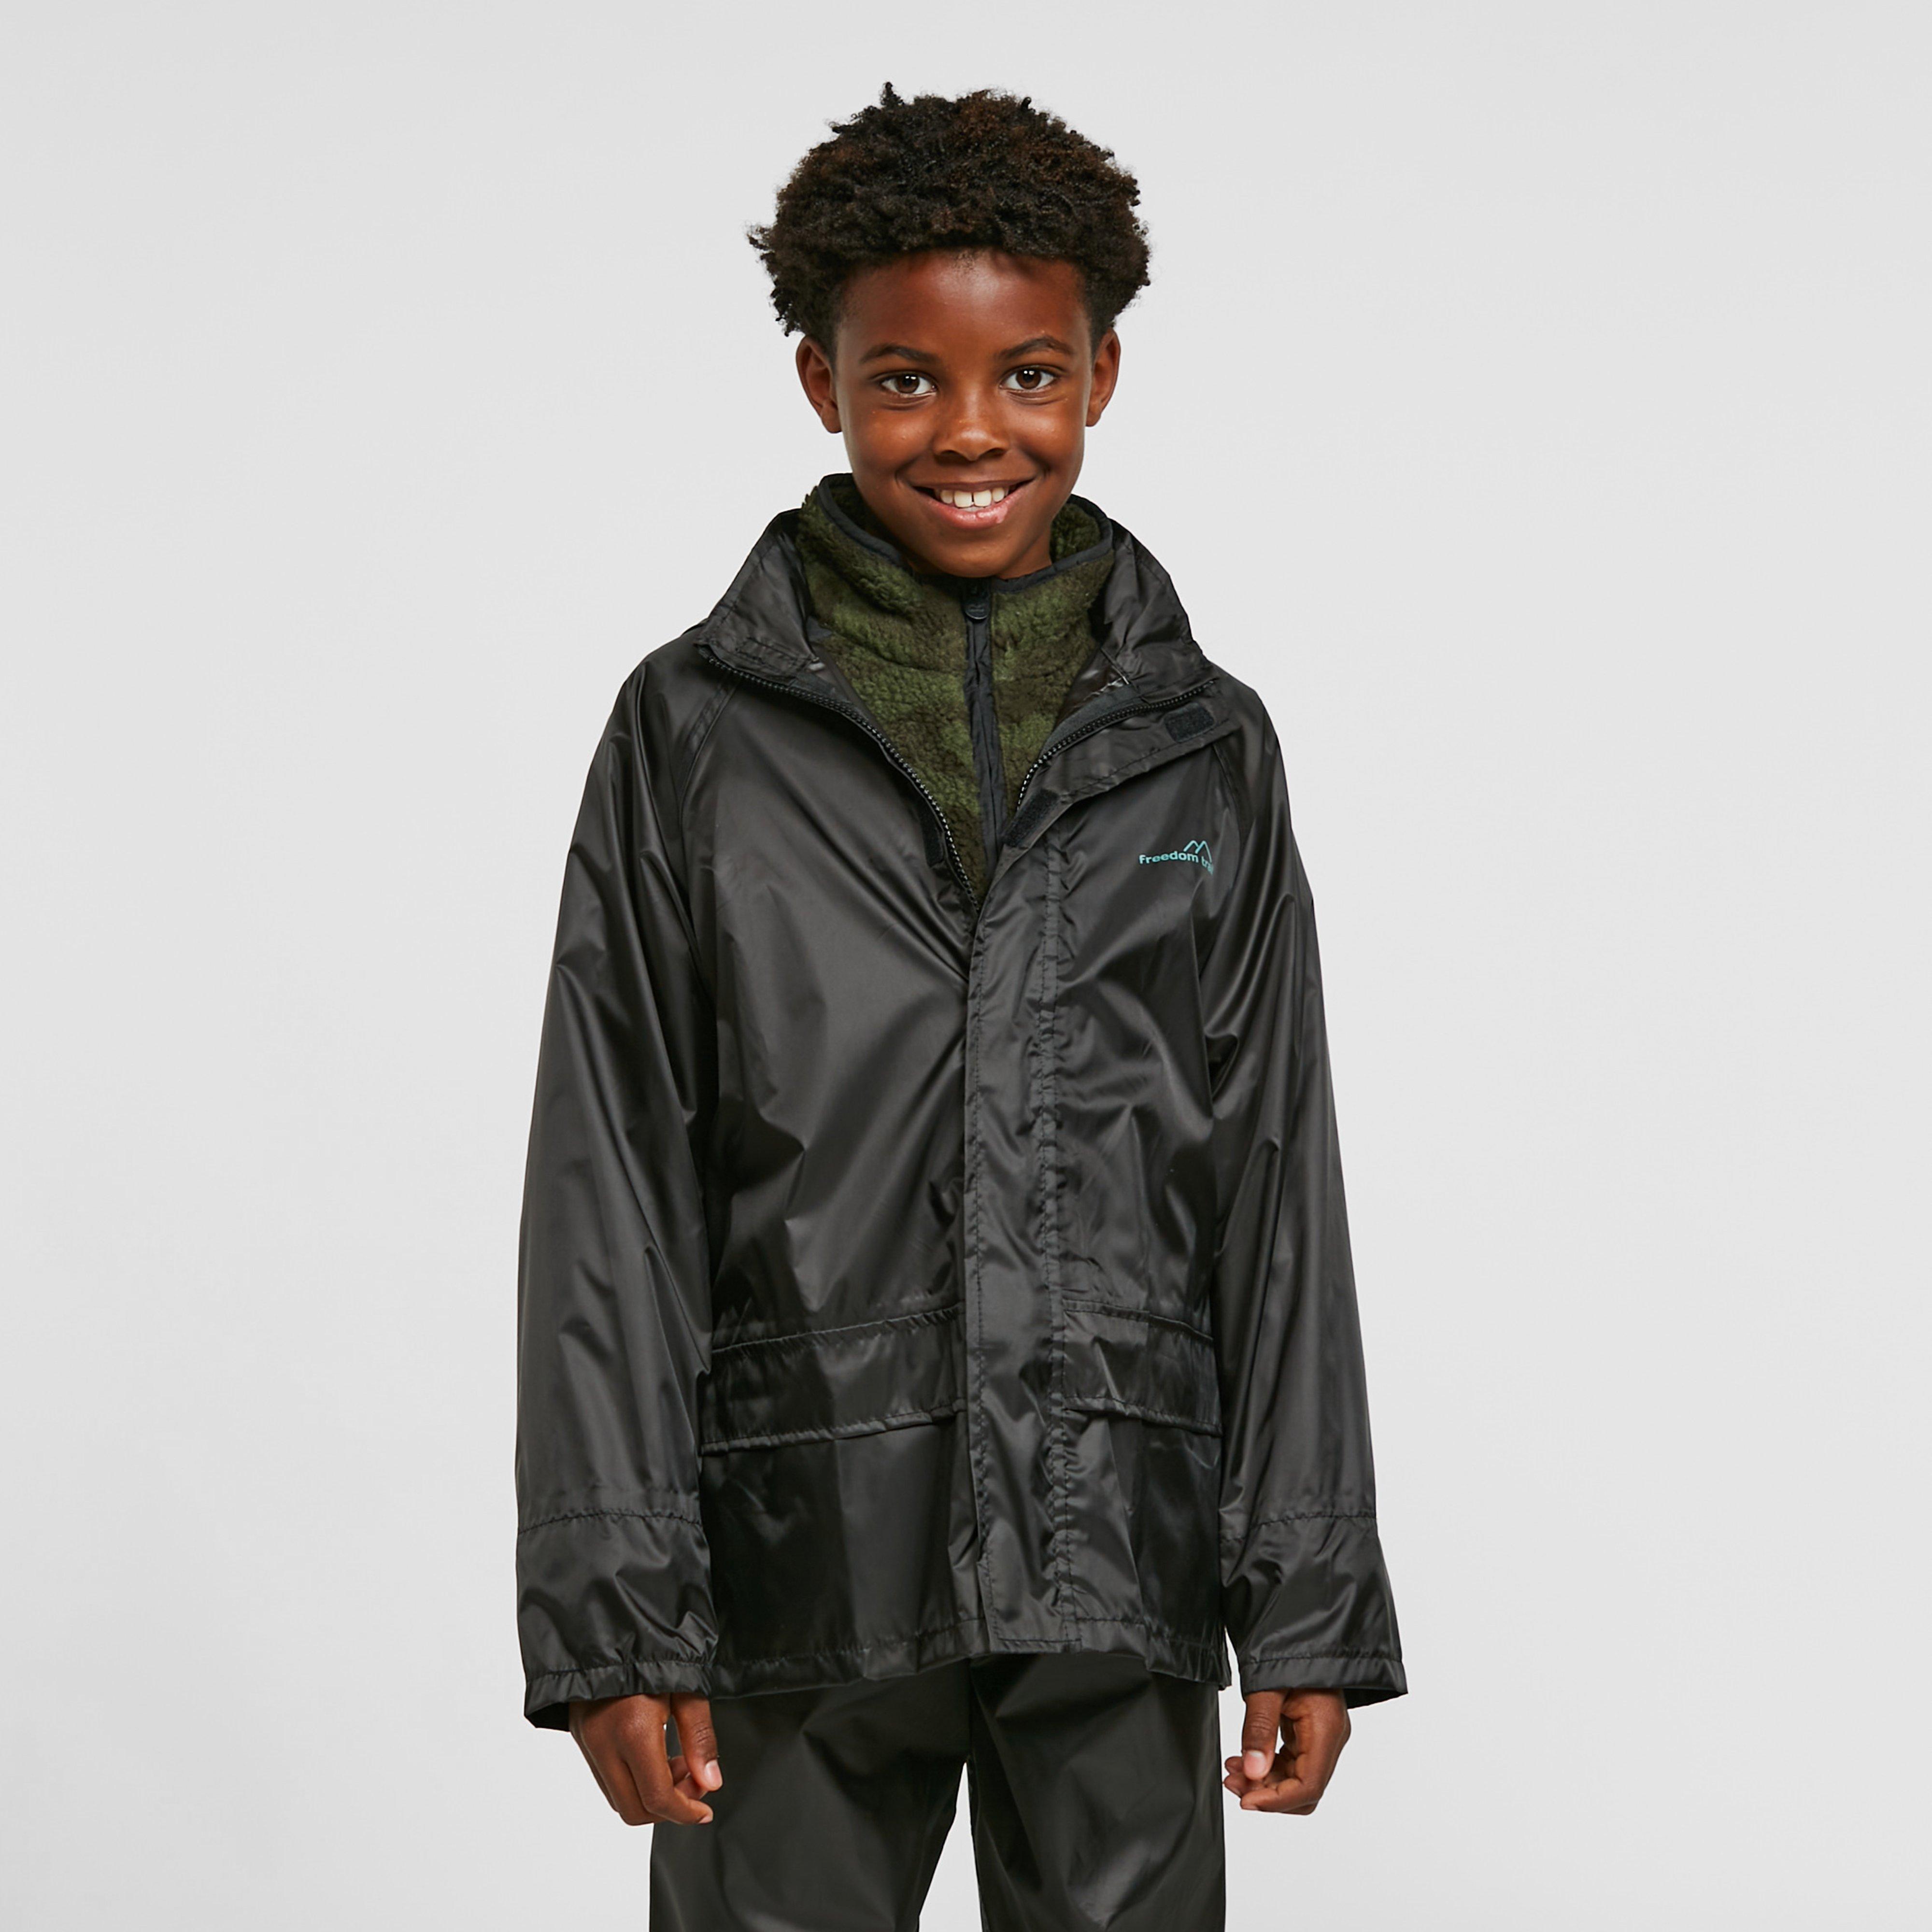 Freedomtrail Freedomtrail Essential Waterproof Suit (Unisex) - Black, Black